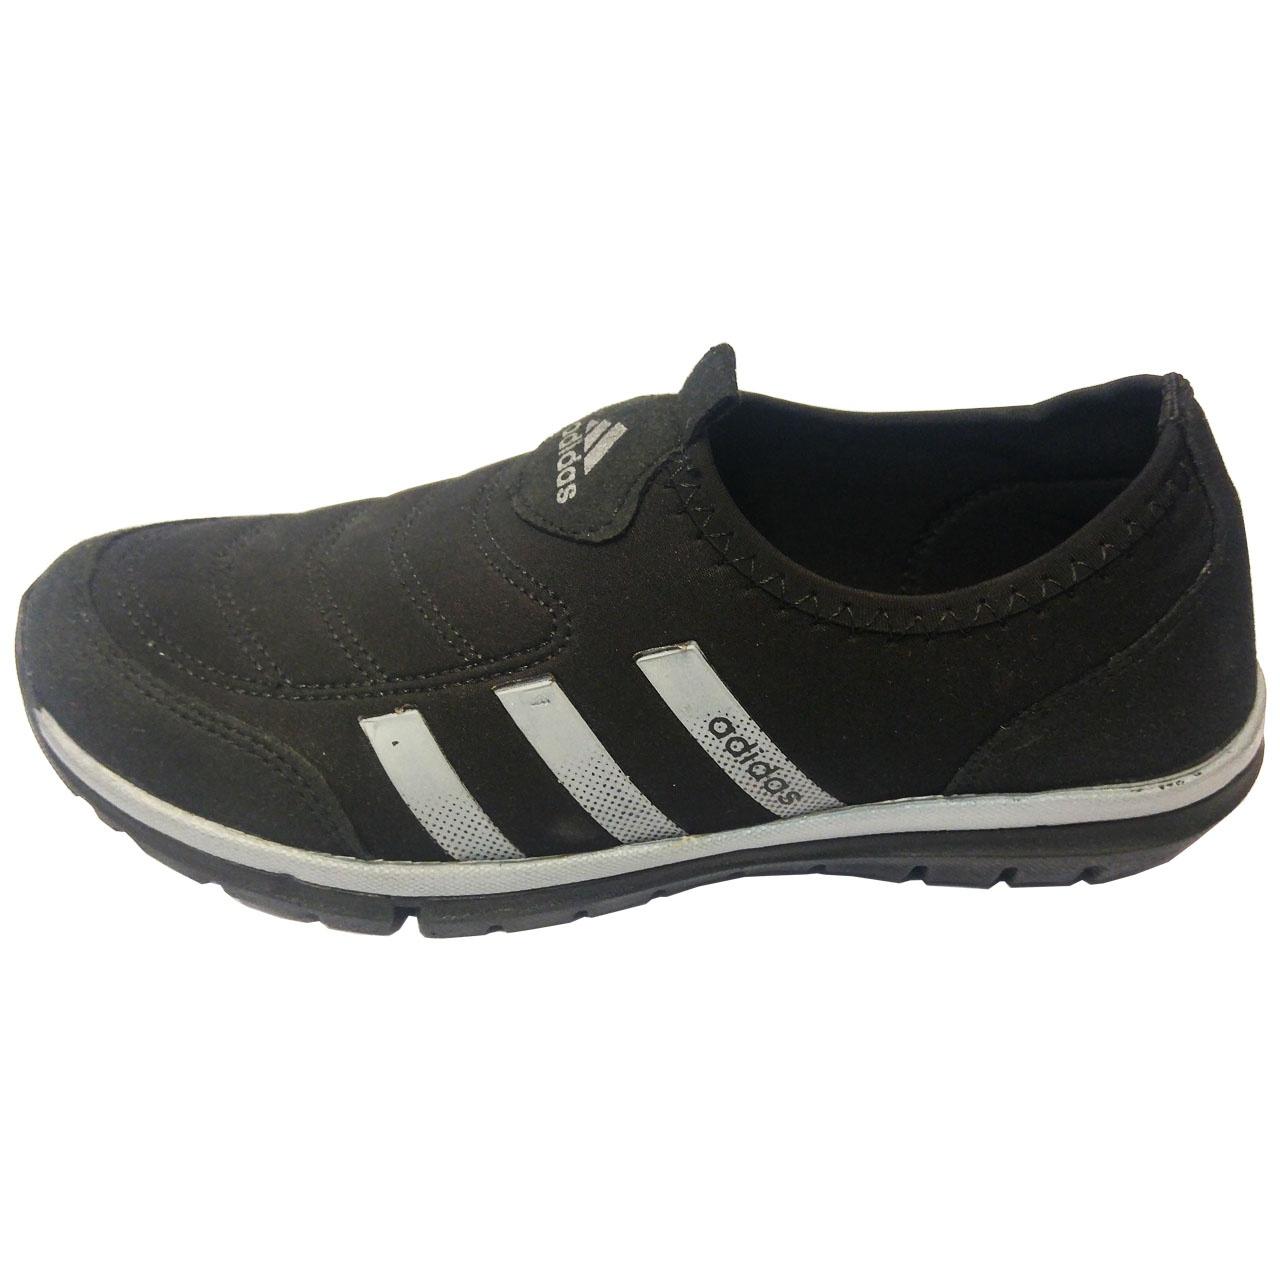 کفش مخصوص پیاده روی زنانه مدل البرز کد 001